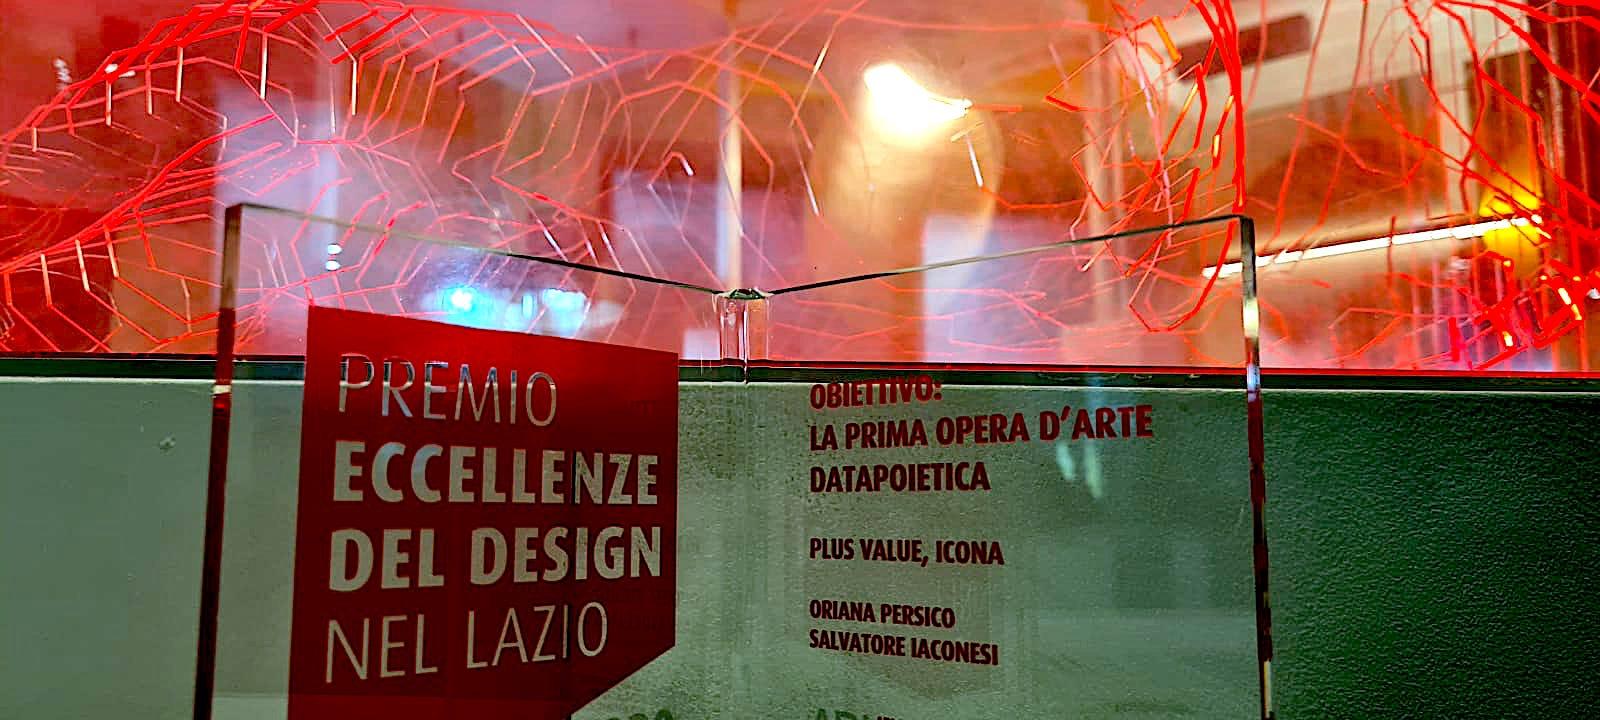 ADI Index, Obiettivo, Premio Ecccellenza Design nel Lazio, Datapoiesis